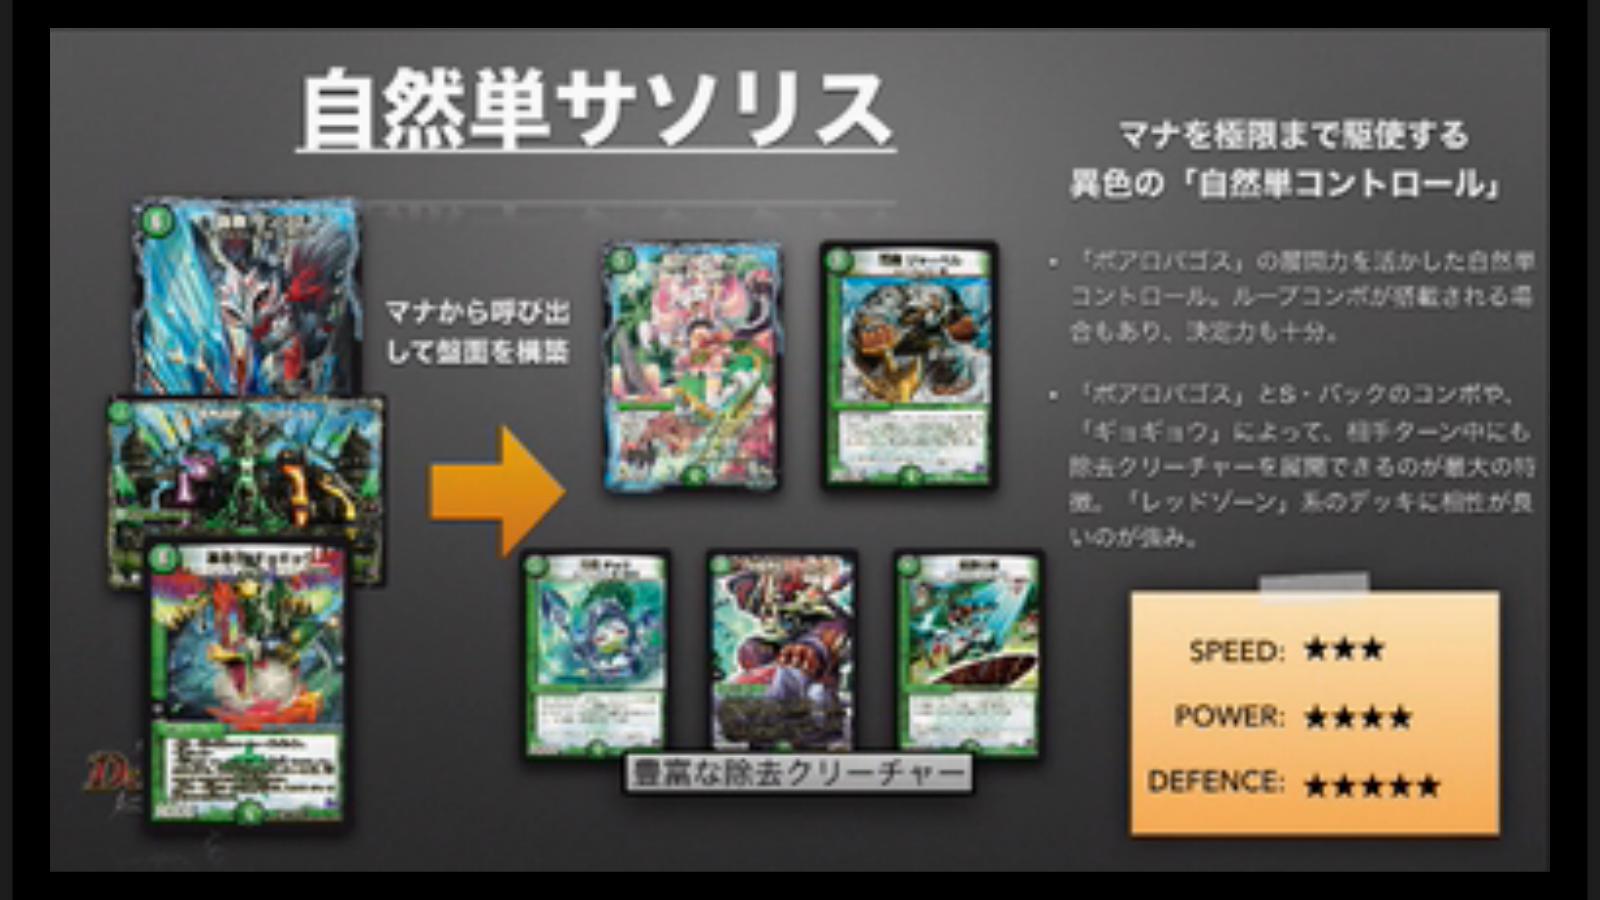 dm-kakumei-finalcup-news-170226-012.jpg